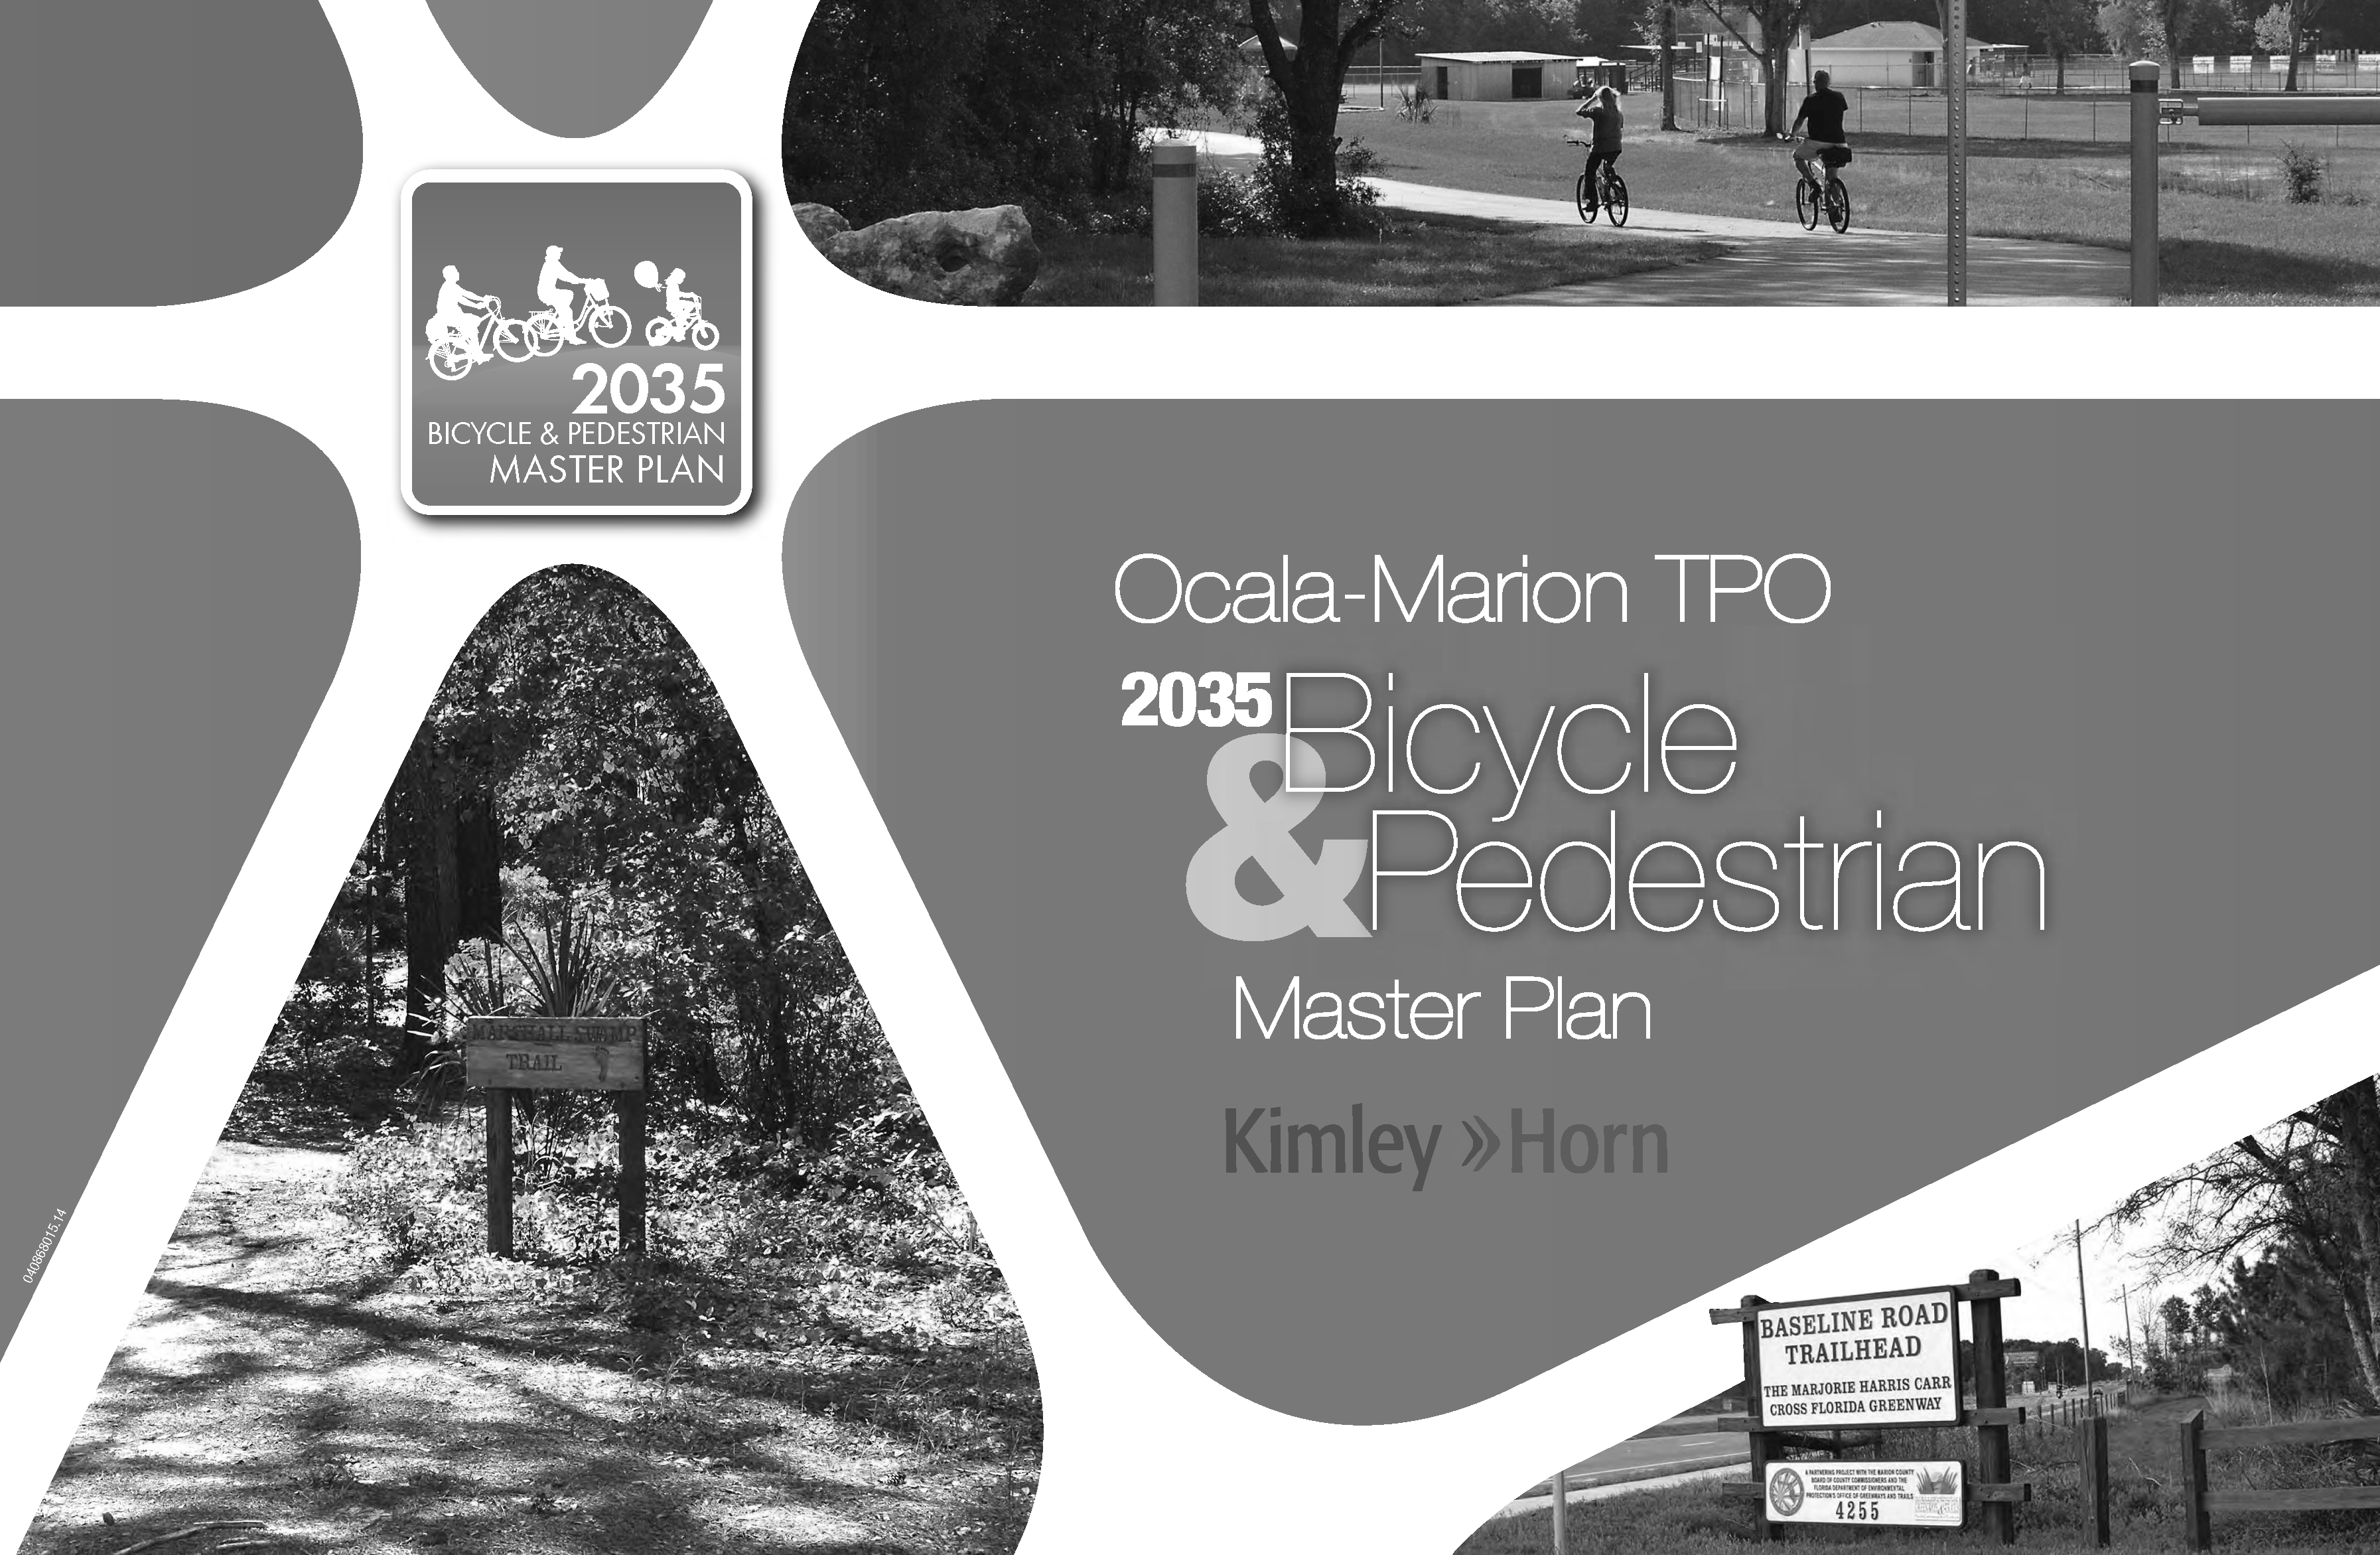 2035 Bicycle/Pedestrian Master Plan